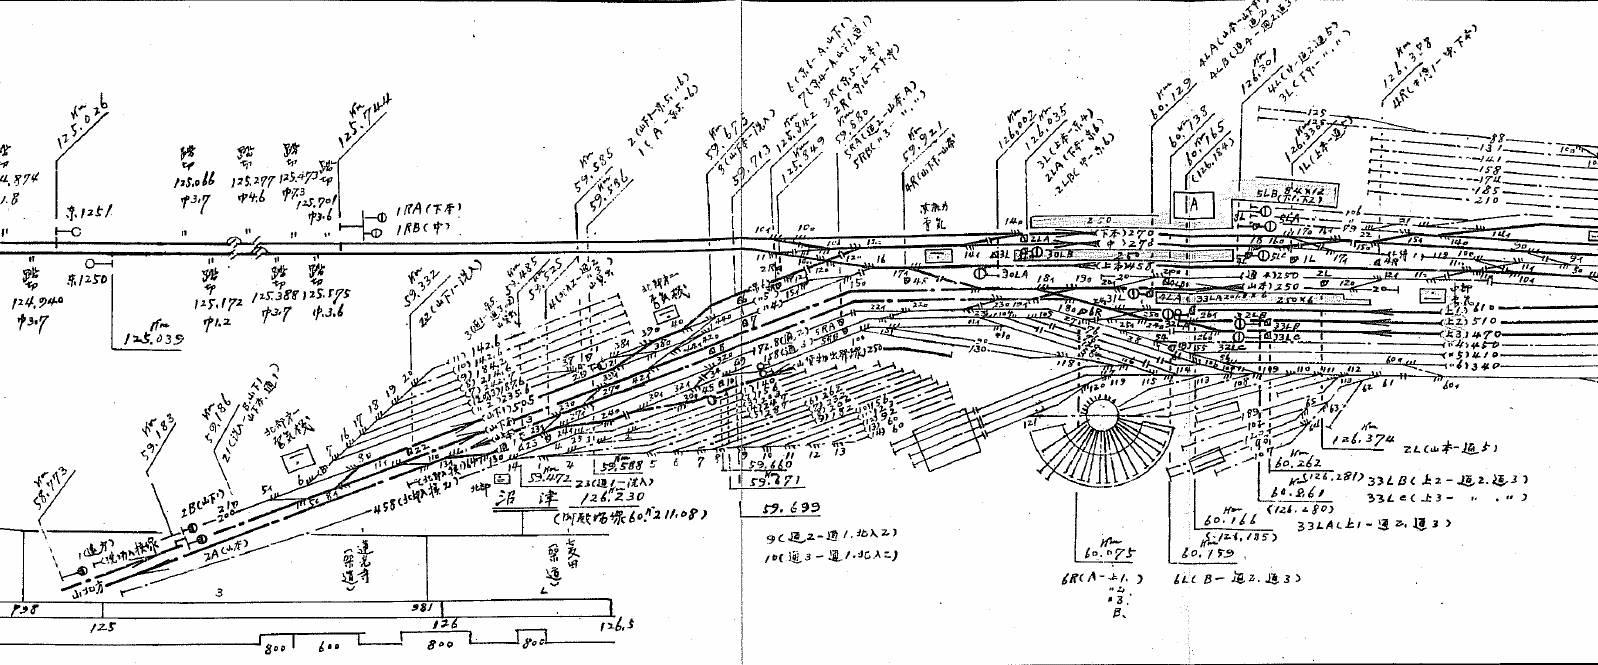 鉄道歴史地図 路線図・廃線